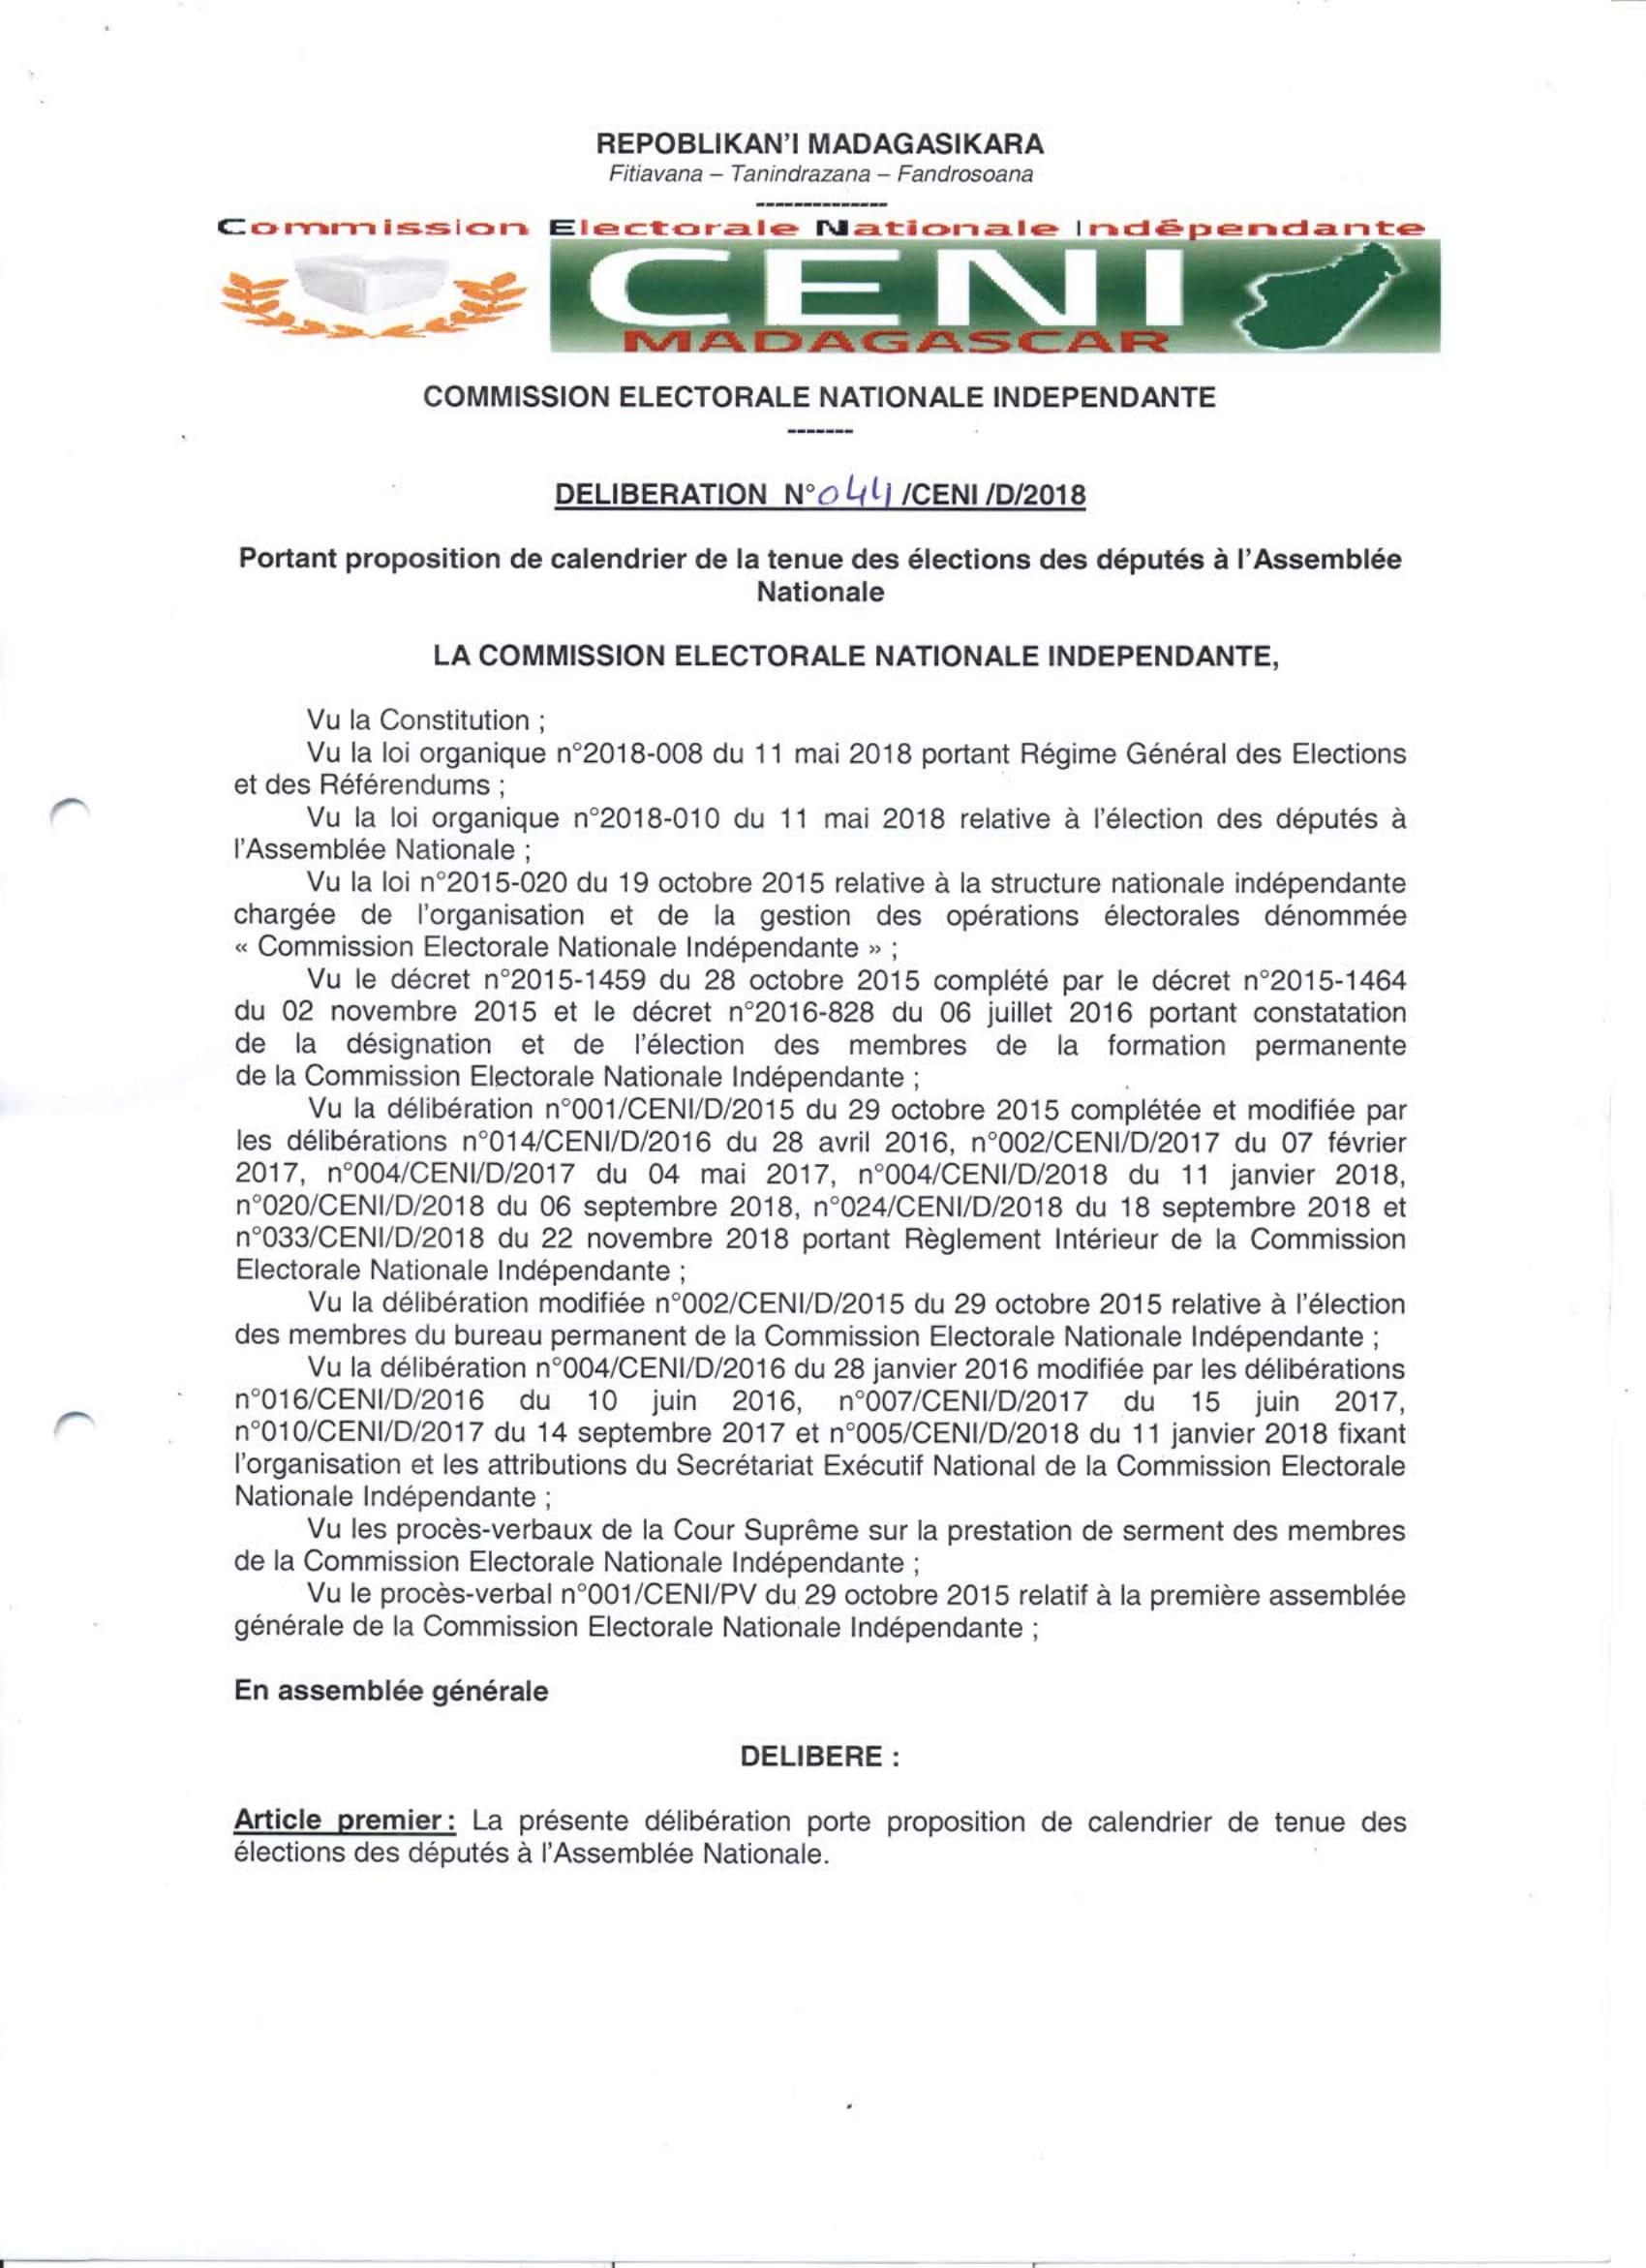 Proposition de calendrier de la tenue des élections des députés à l'Assemblée Nationale